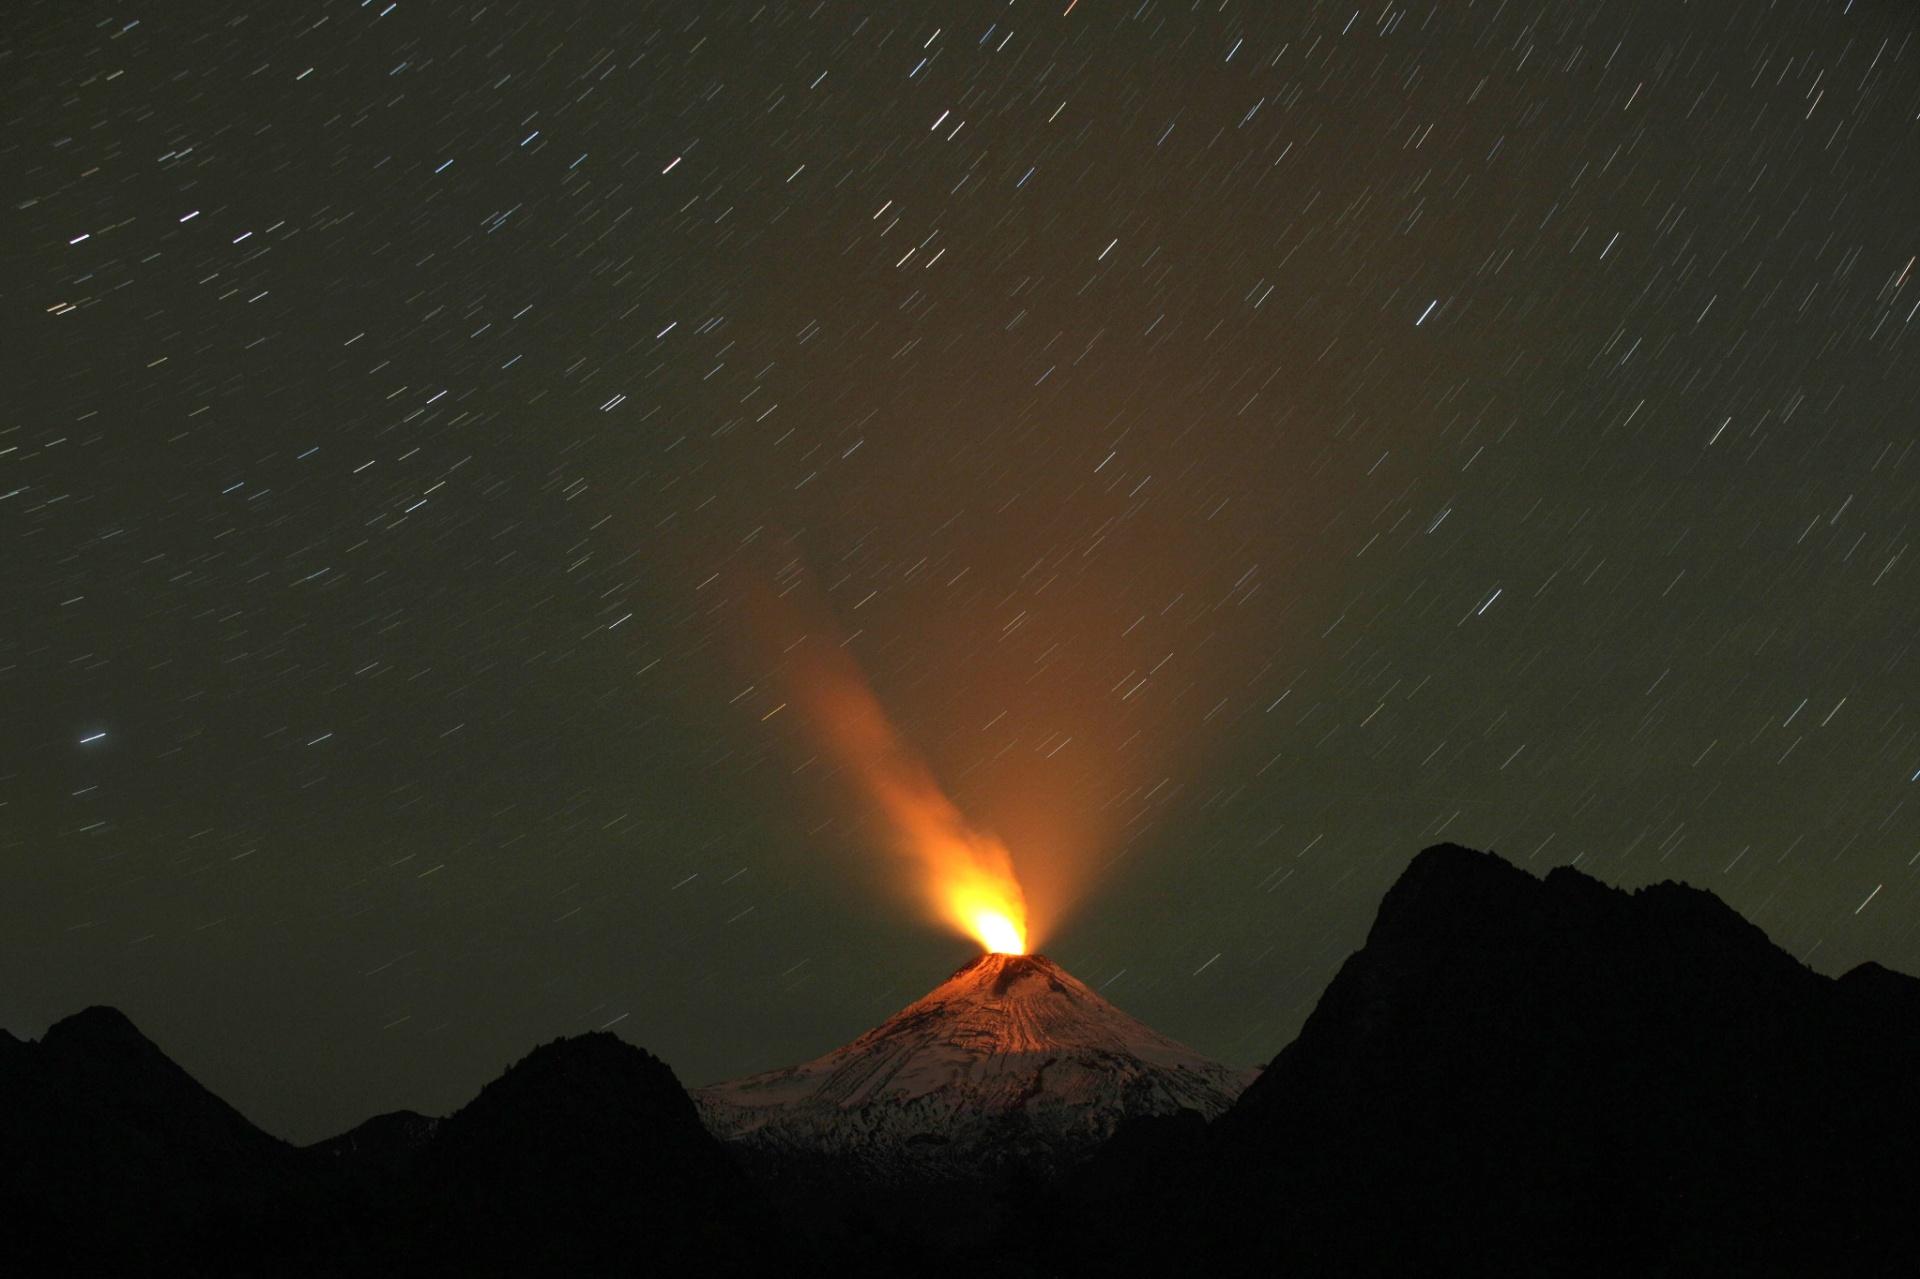 21.abr.2015 - Vulcão Villarica expele lava em Pucón, a 800km km ao sul de Santiago, no Chile, mostrando sinais visíveis de atividade, nesta terça-feira (21)